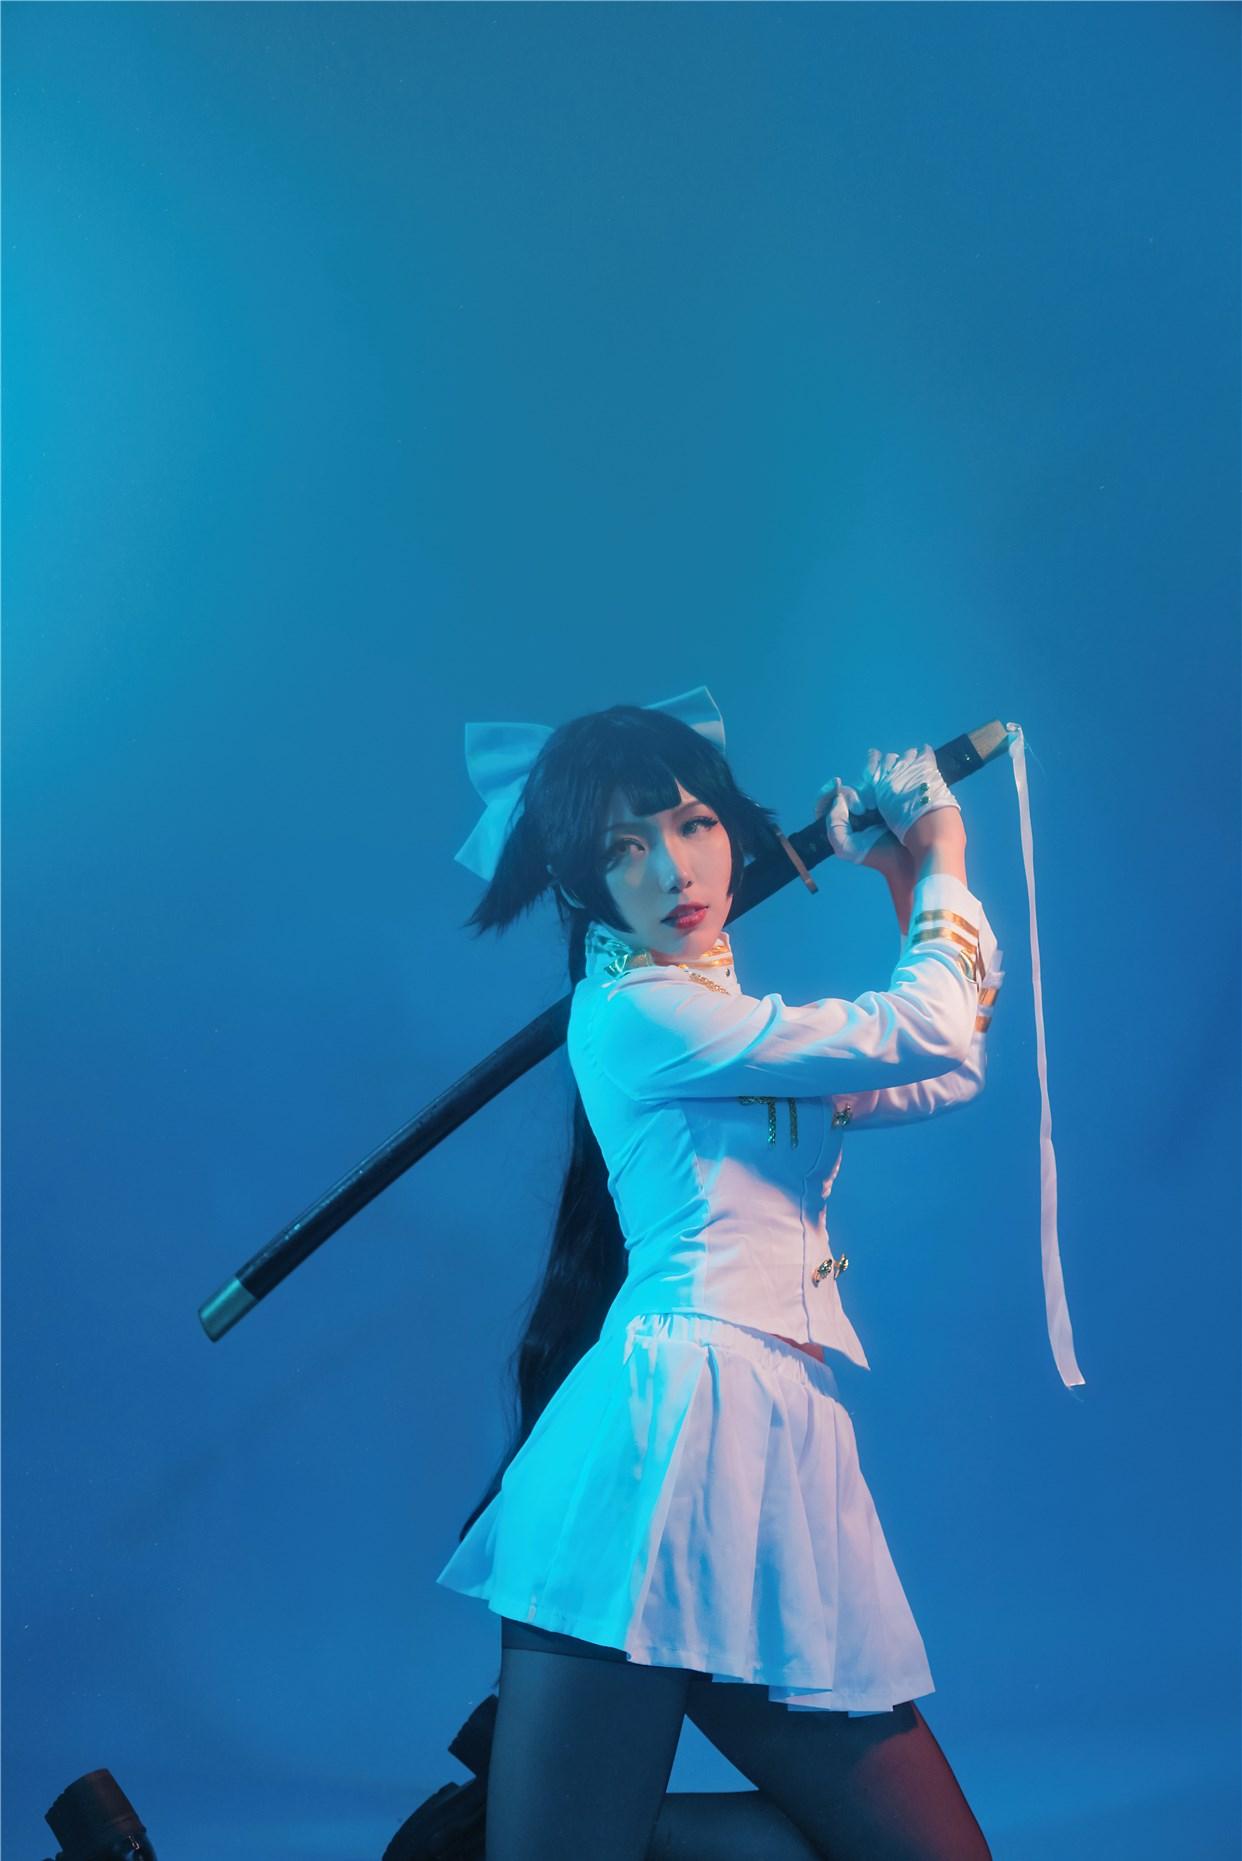 【兔玩映画】碧蓝航线 高雄 獒 兔玩映画 第18张